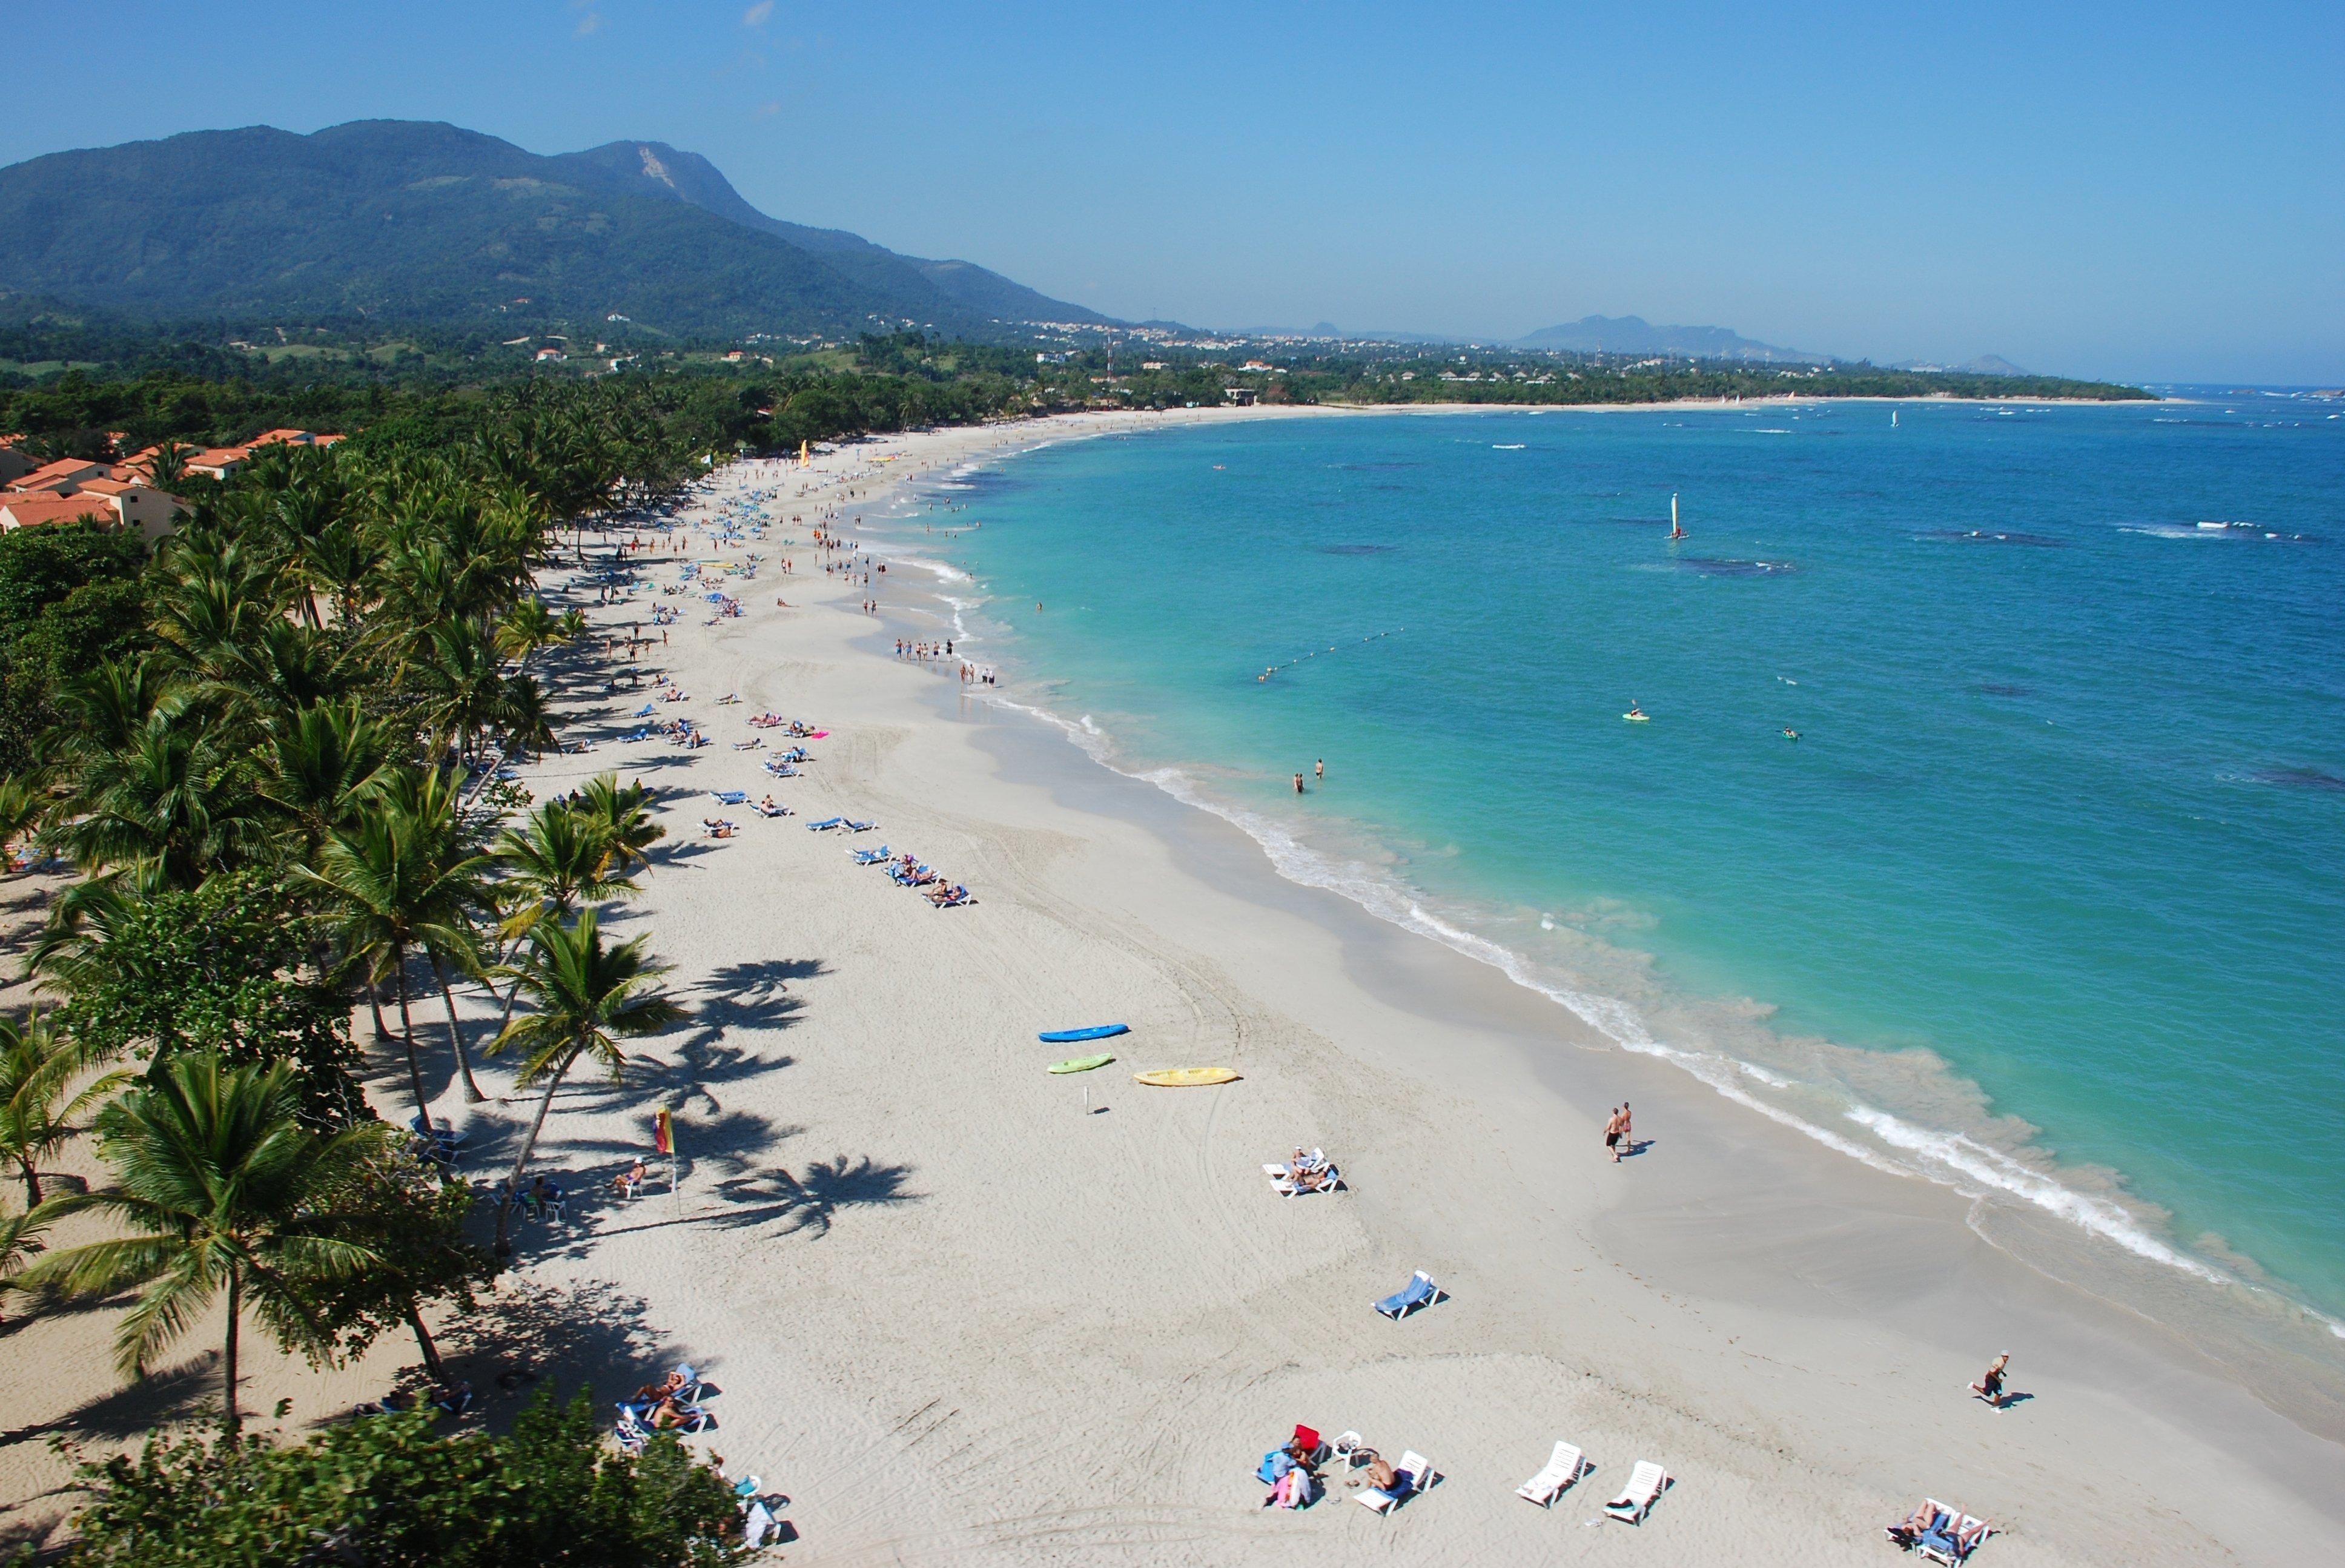 Playa en Puerto Plata, República Dominicana